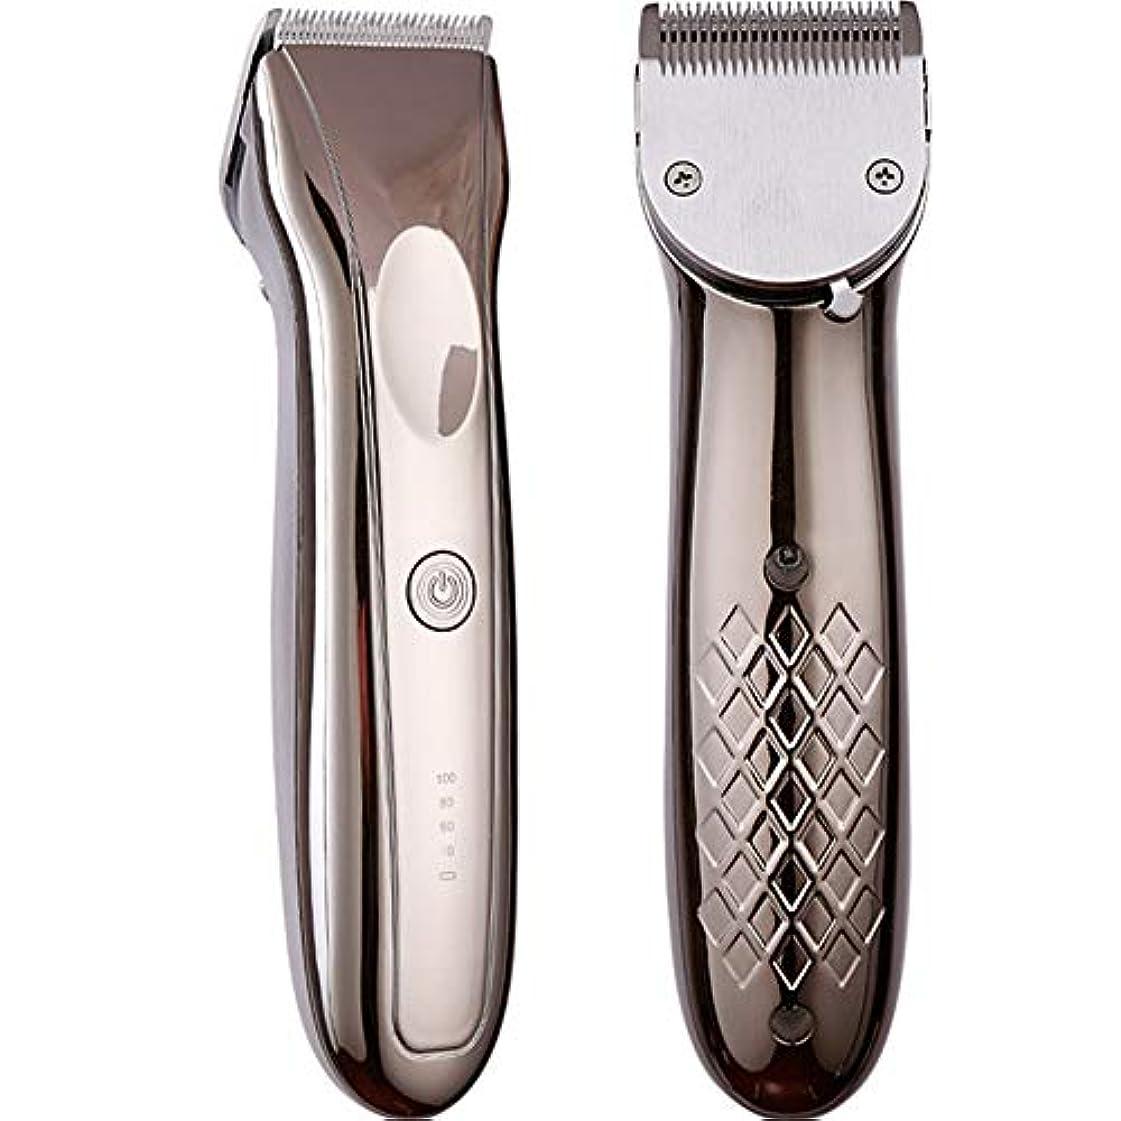 バリカンledトリマー男性0.8-2.8ミリメートルプロフェッショナル電気ステンレス鋼切断機理髪散髪ツール